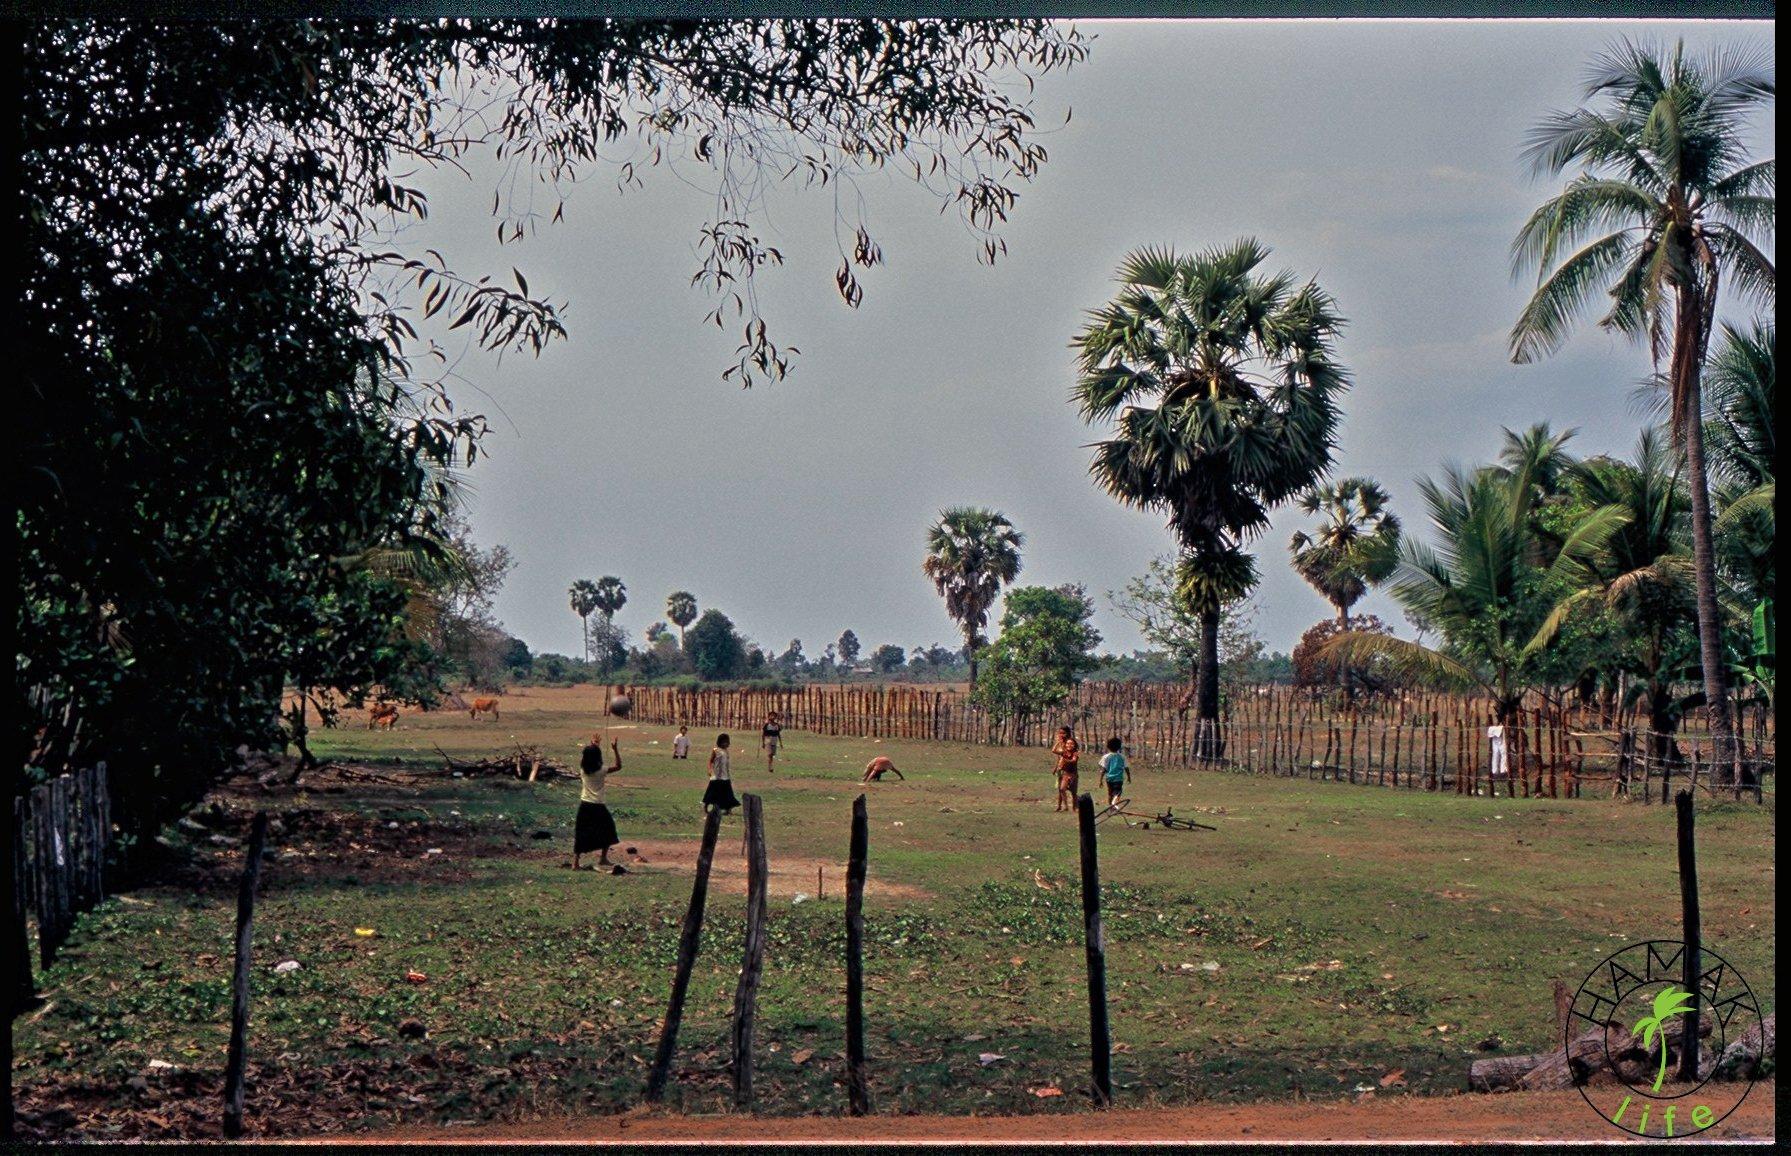 Muzeum Plac zabaw naprzeciwko Min Lądowych w Kambodży